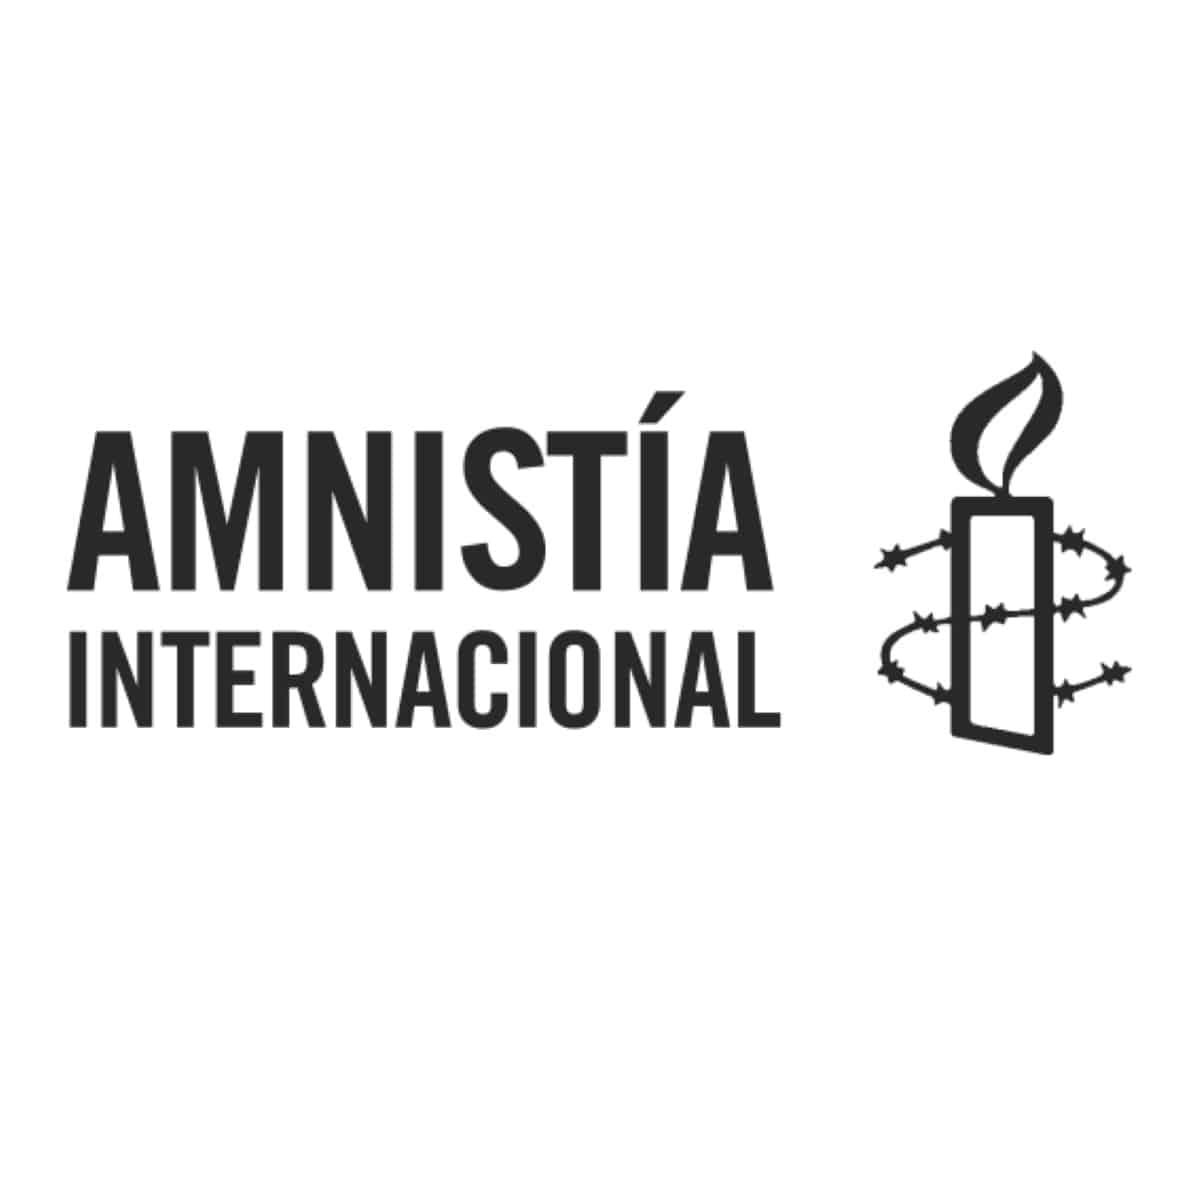 derechos humanos amnistia internacional